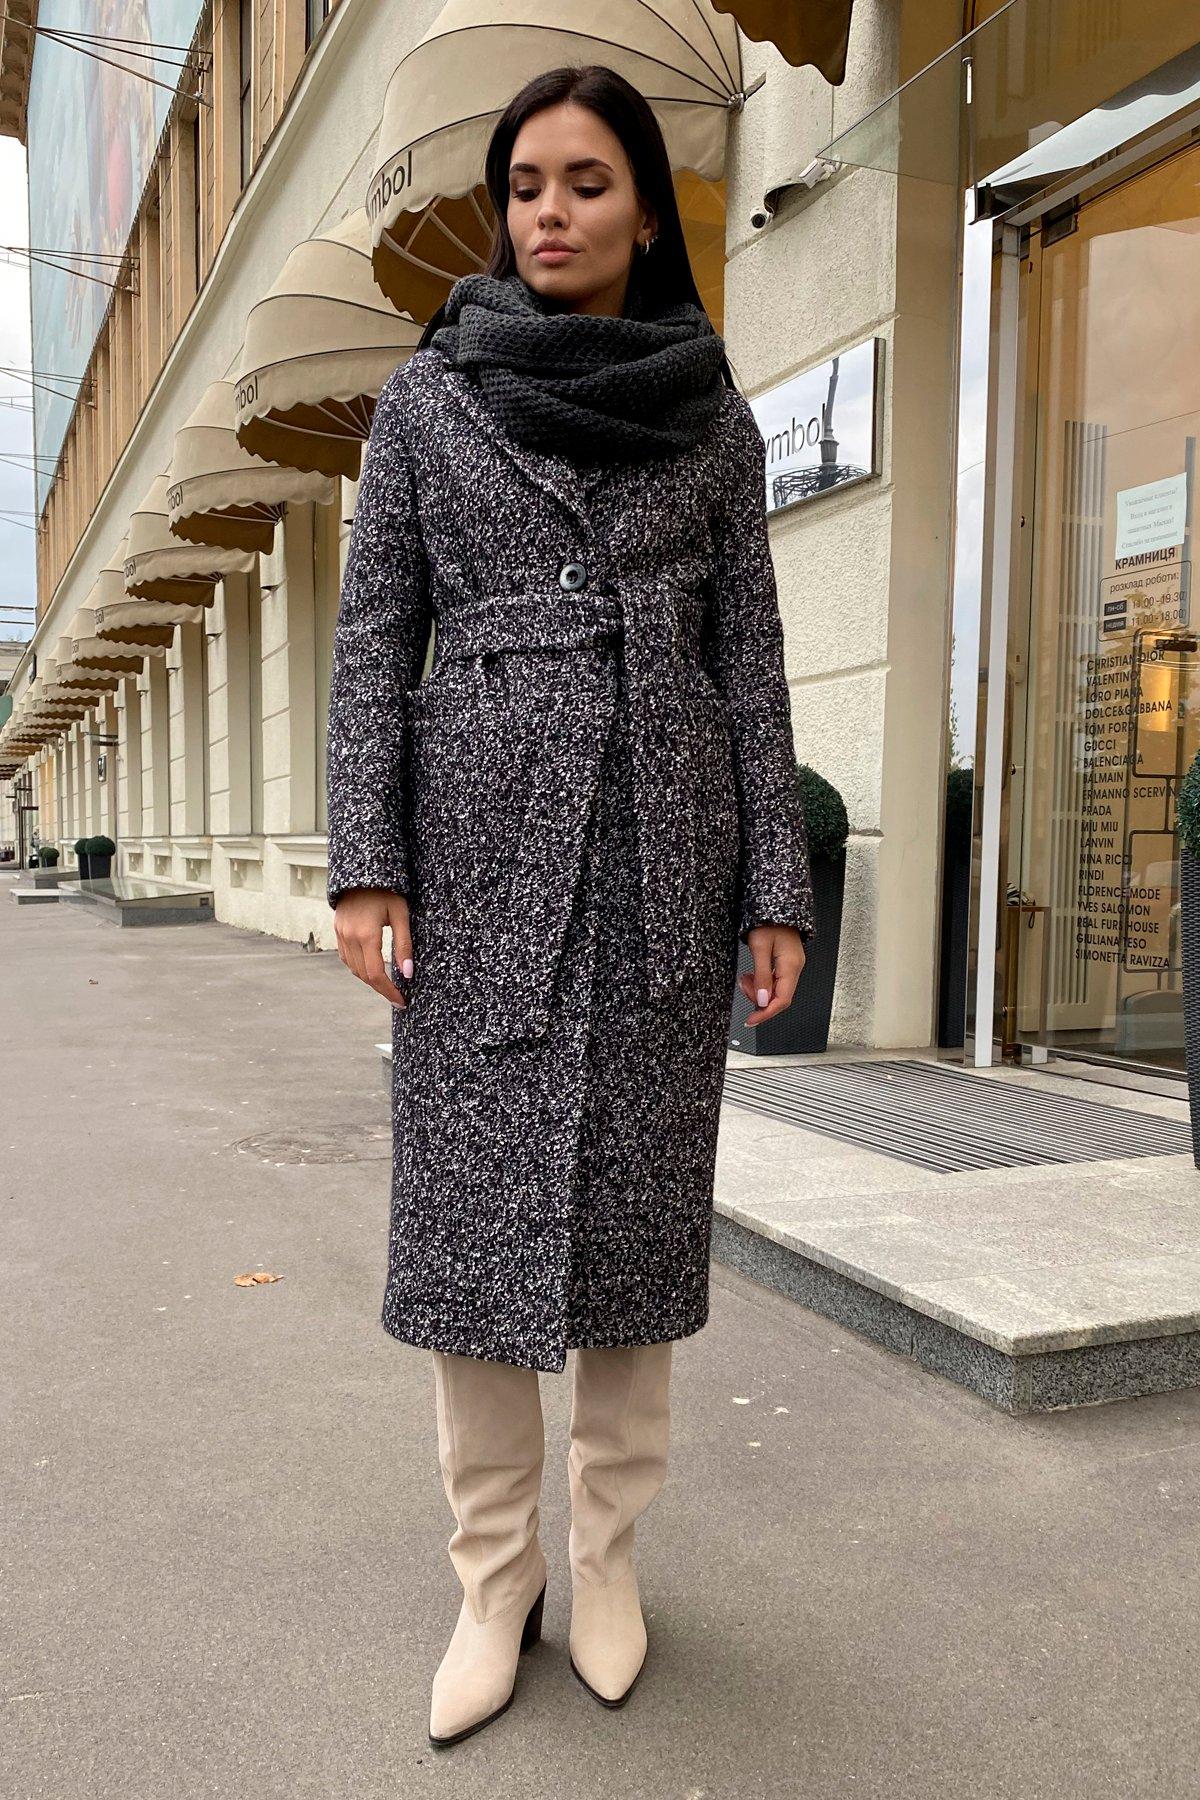 Теплое зимнее пальто буклированная шерсть Вива макси 8349 АРТ. 44517 Цвет: Черный/серый 61 - фото 16, интернет магазин tm-modus.ru